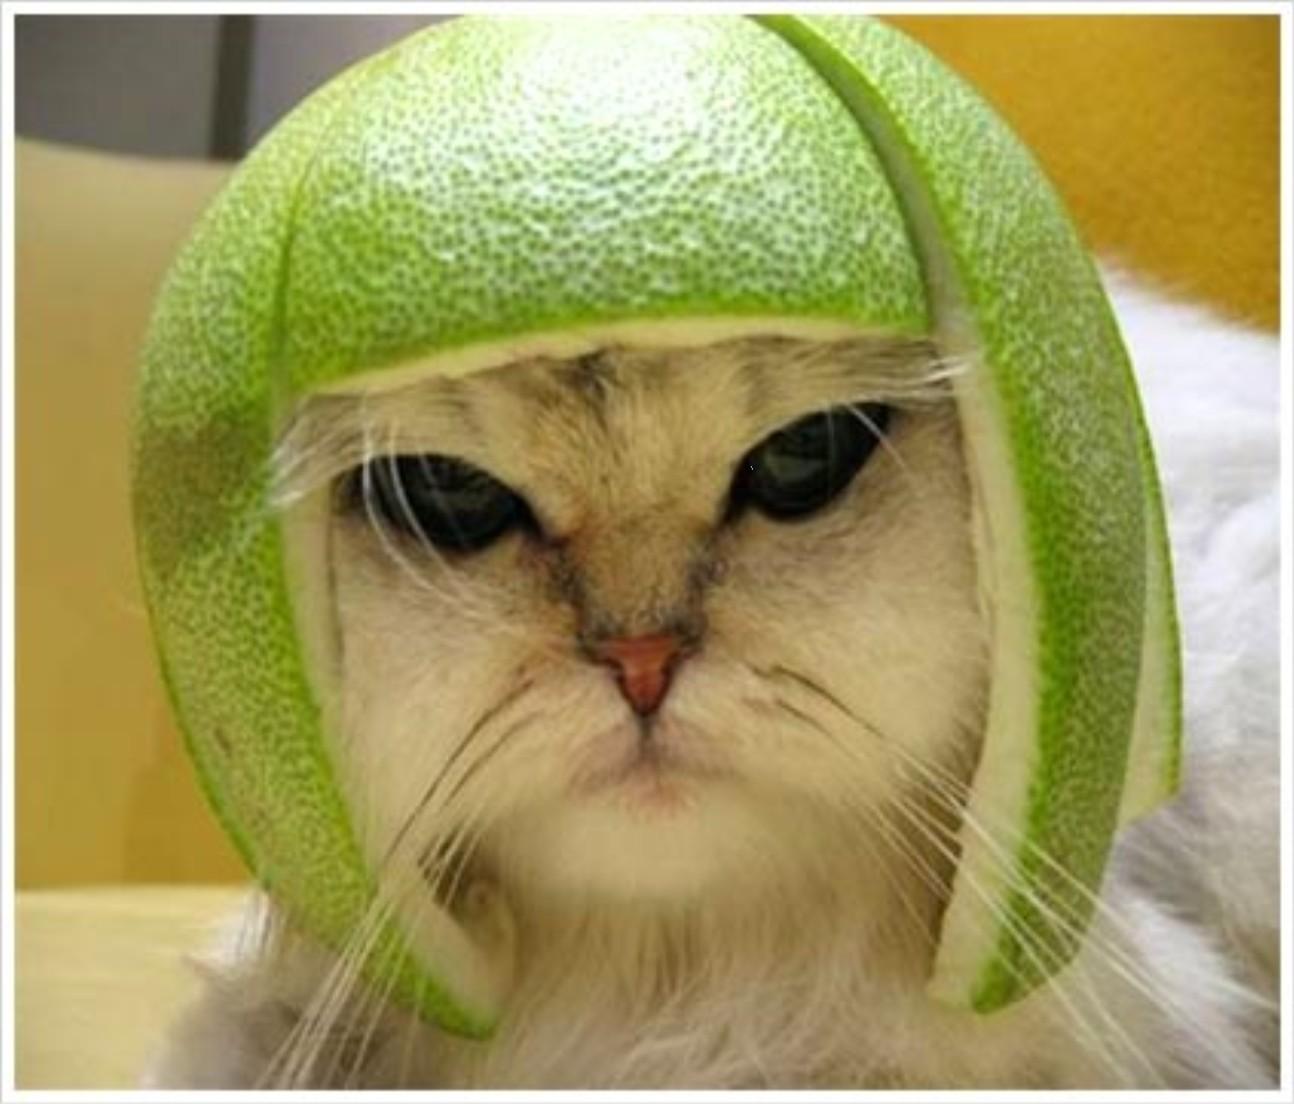 melon-head.jpg